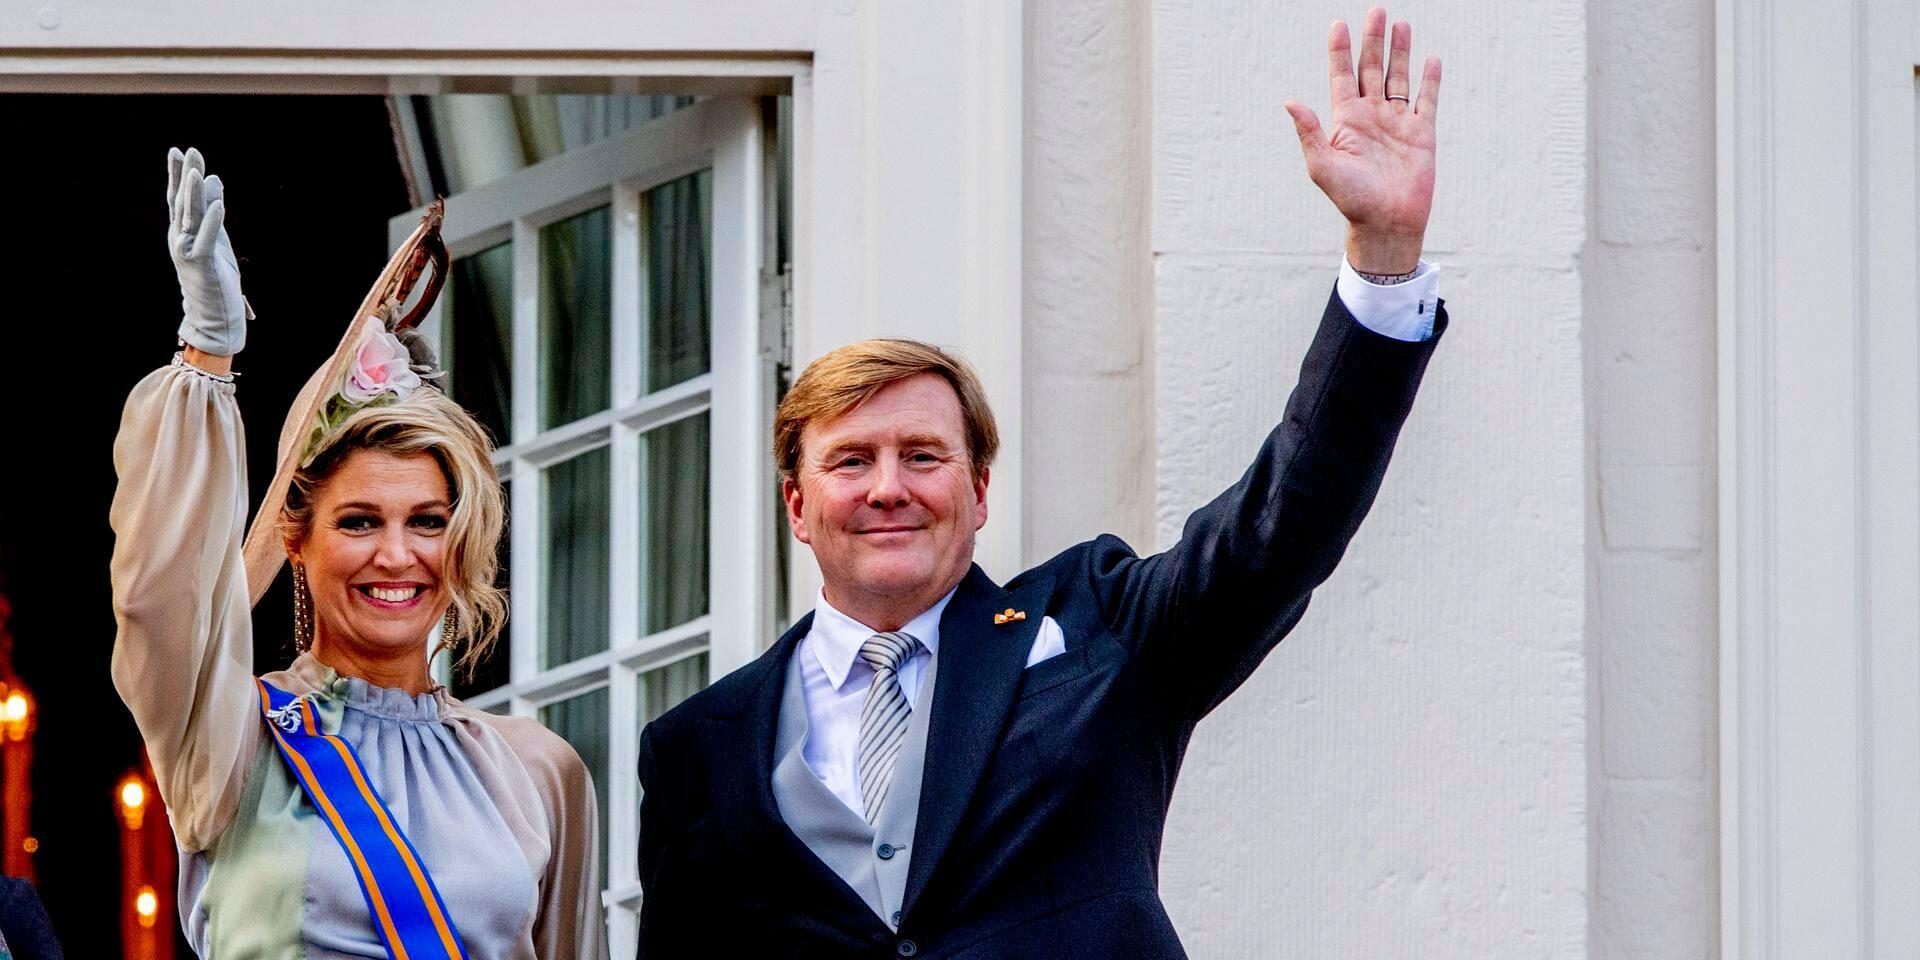 Le roi Willem-Alexander et la reine Maxima ont emménagé dans leur nouvelle demeure